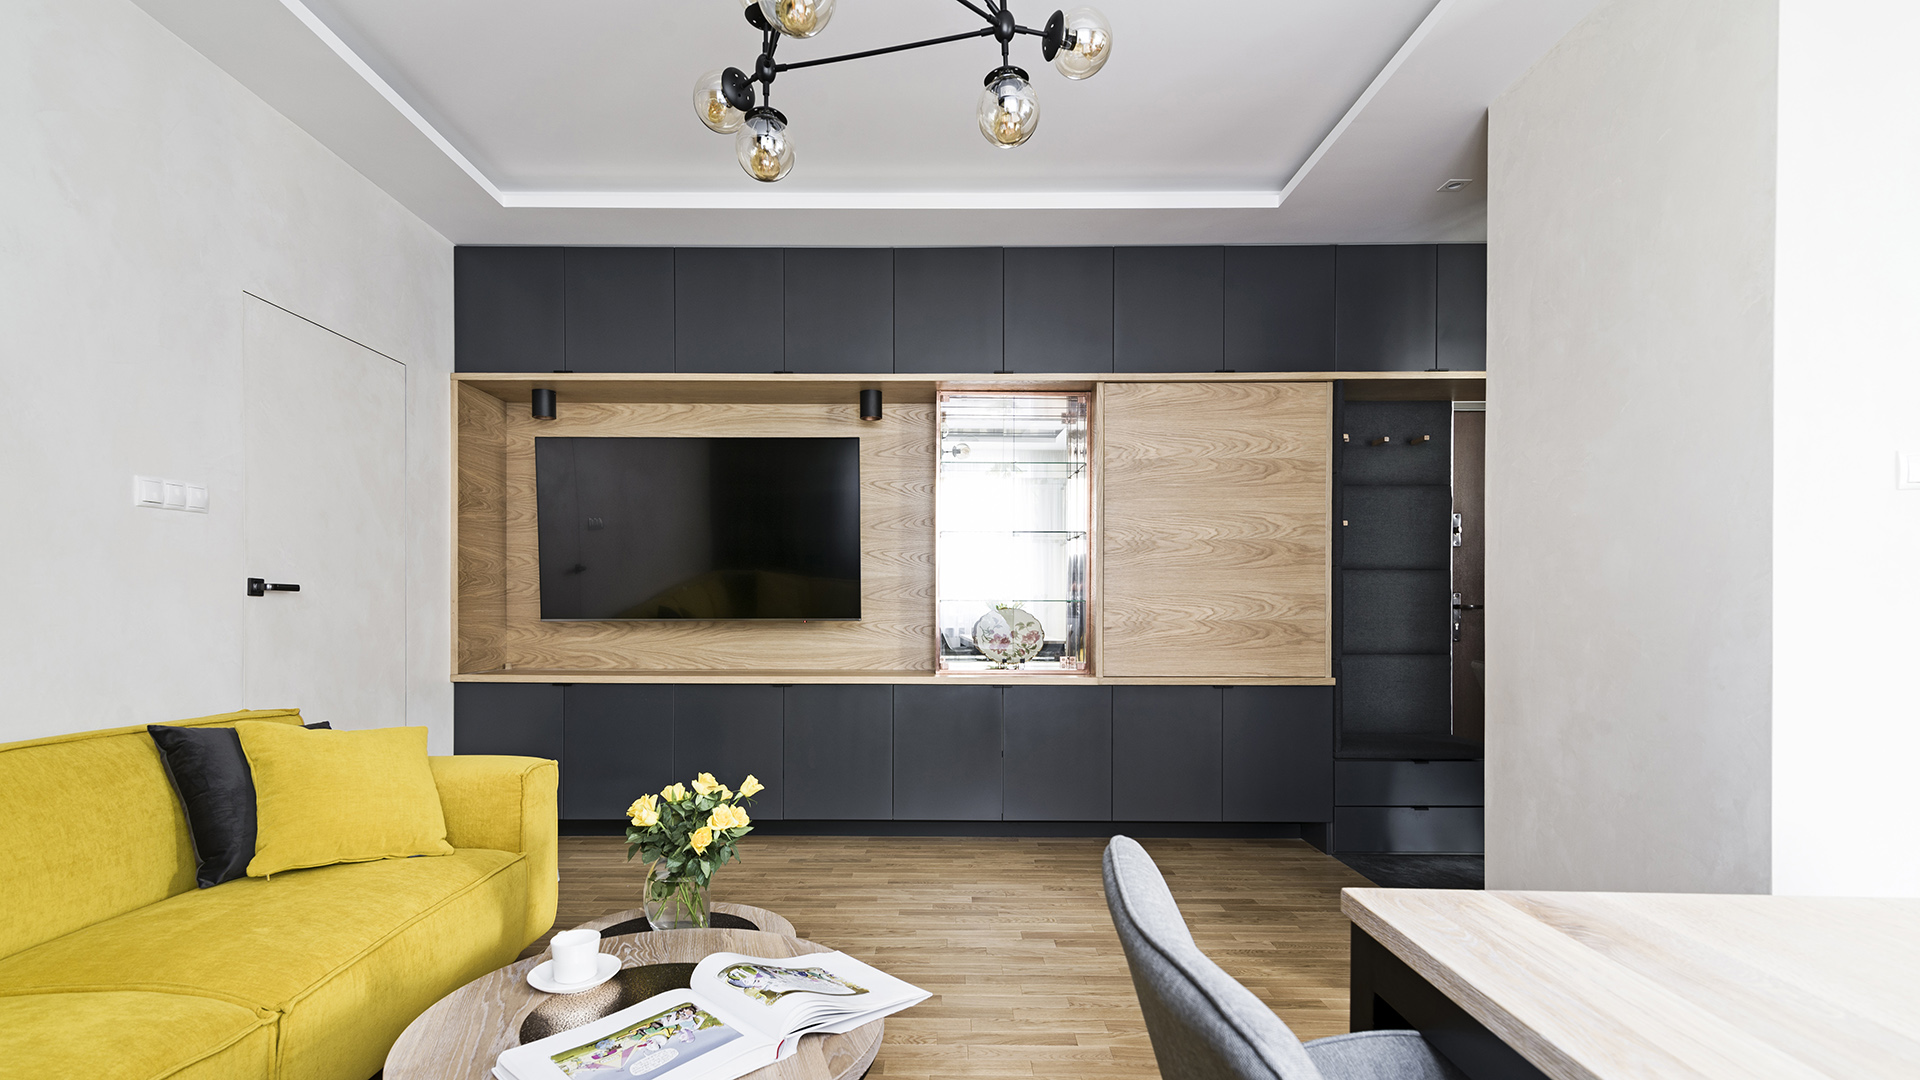 wnętrza, mma, portfolio, ogrodowa, mieszkanie, projektowanie wnętrz, lublin